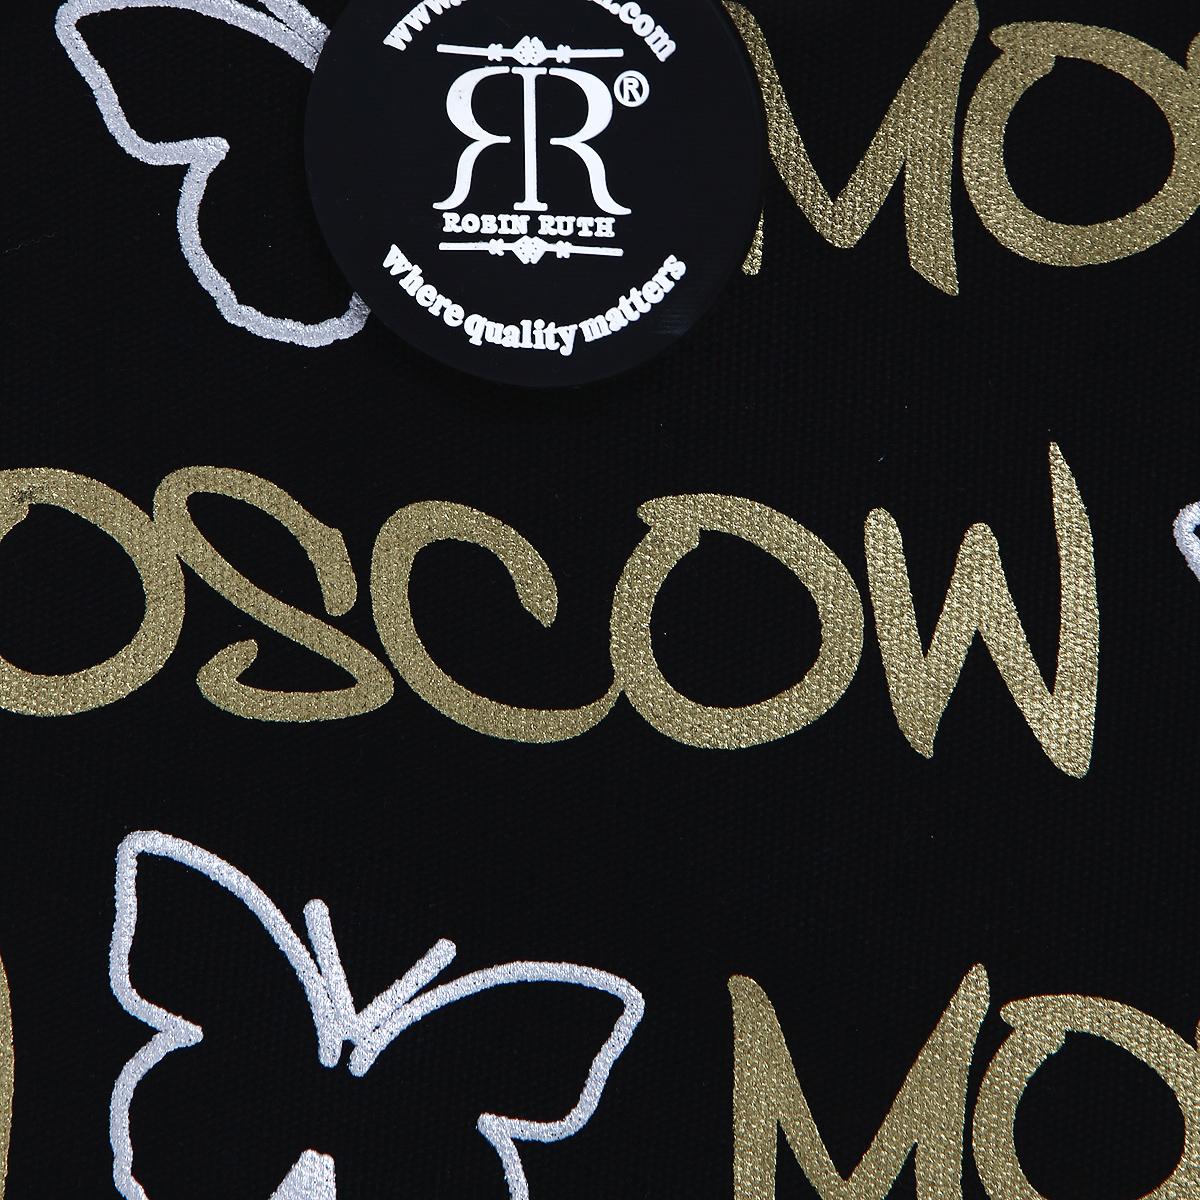 """Сумка женская Robin Ruth """"Moscow"""", цвет: черный. BR003-H ( BR003-H )"""